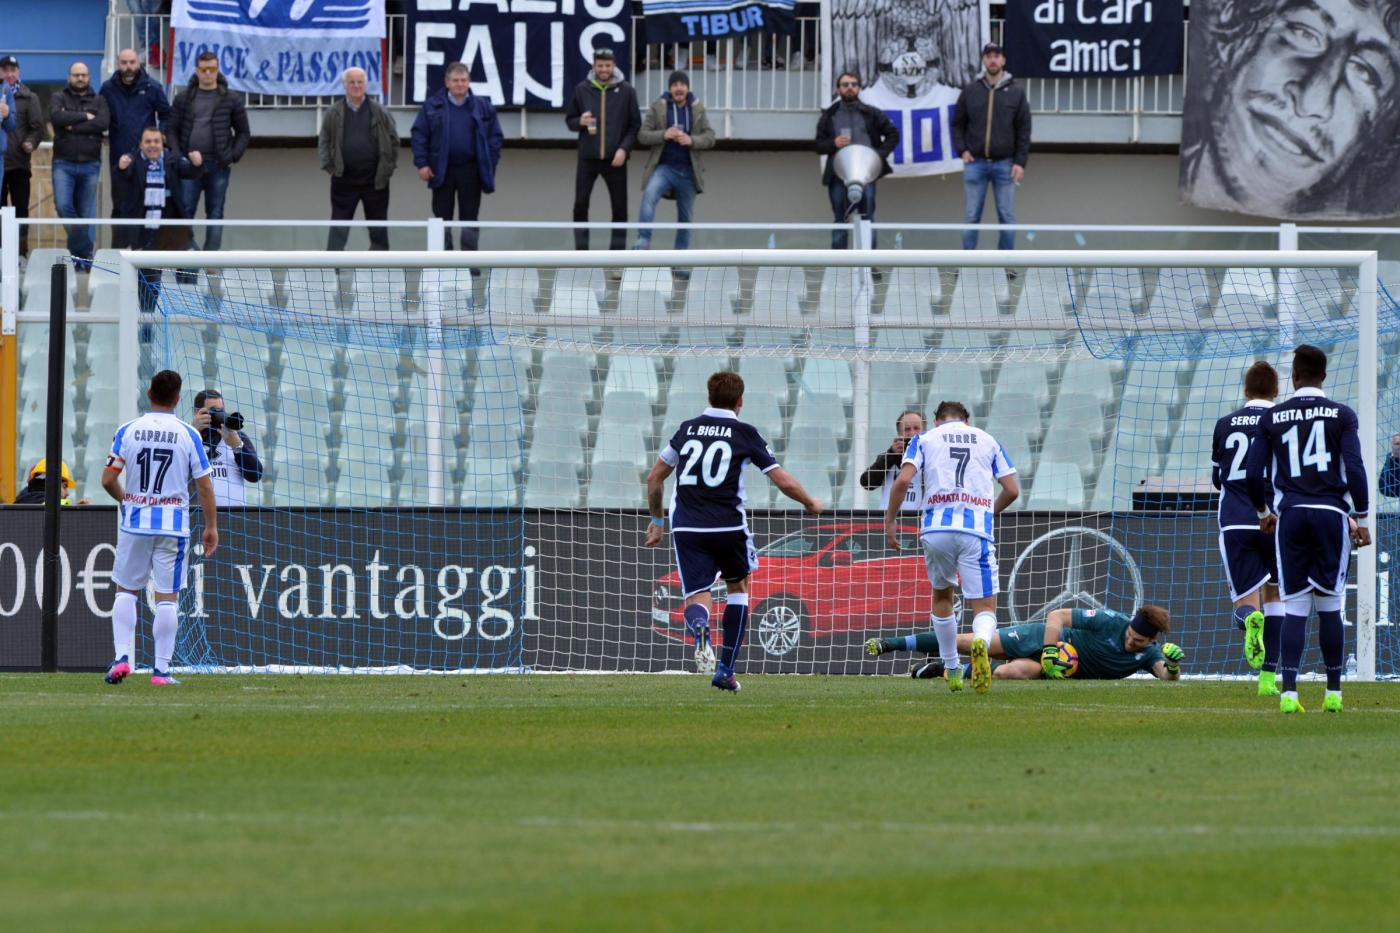 Pescara-Lazio serie A 2016-2017, Caprari sbaglia il calcio del rigore per il Pescara